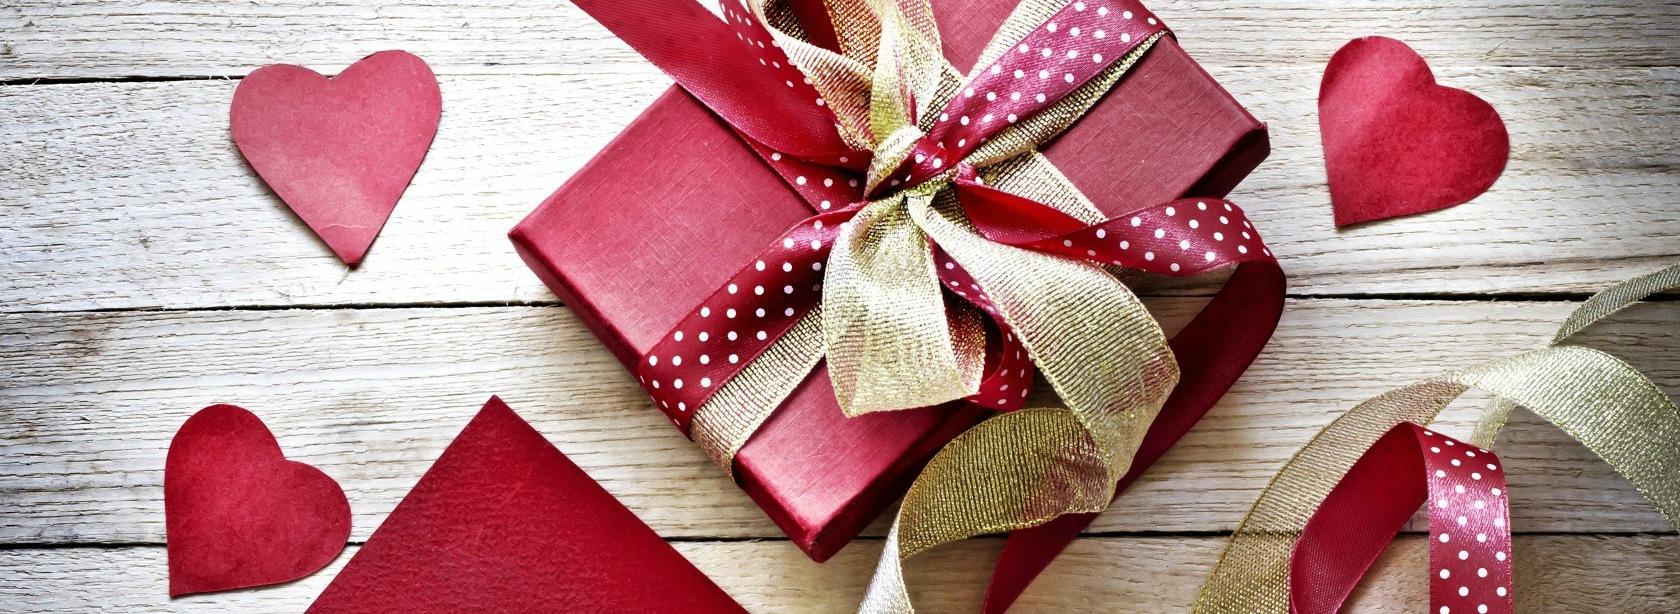 5 dovanų idėjos Valentino dienai